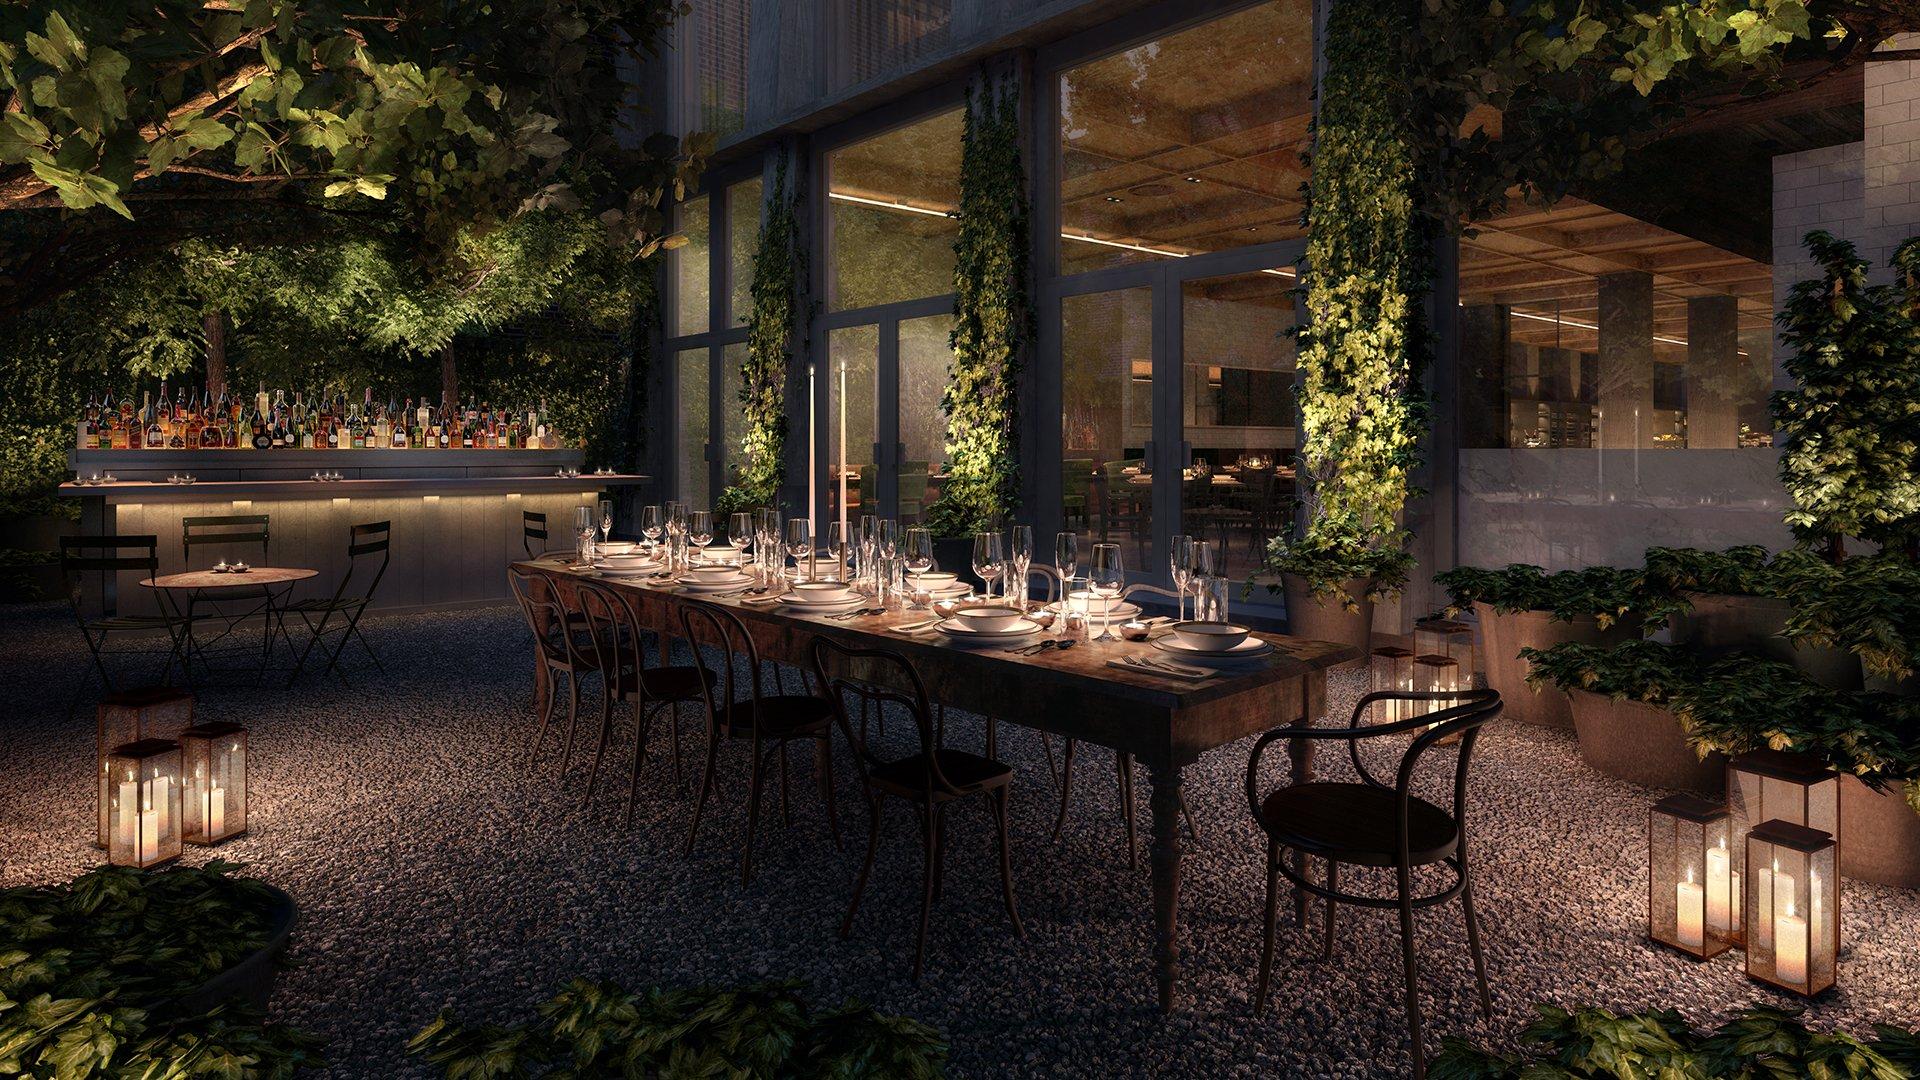 Best Hotel Restaurants Nyc